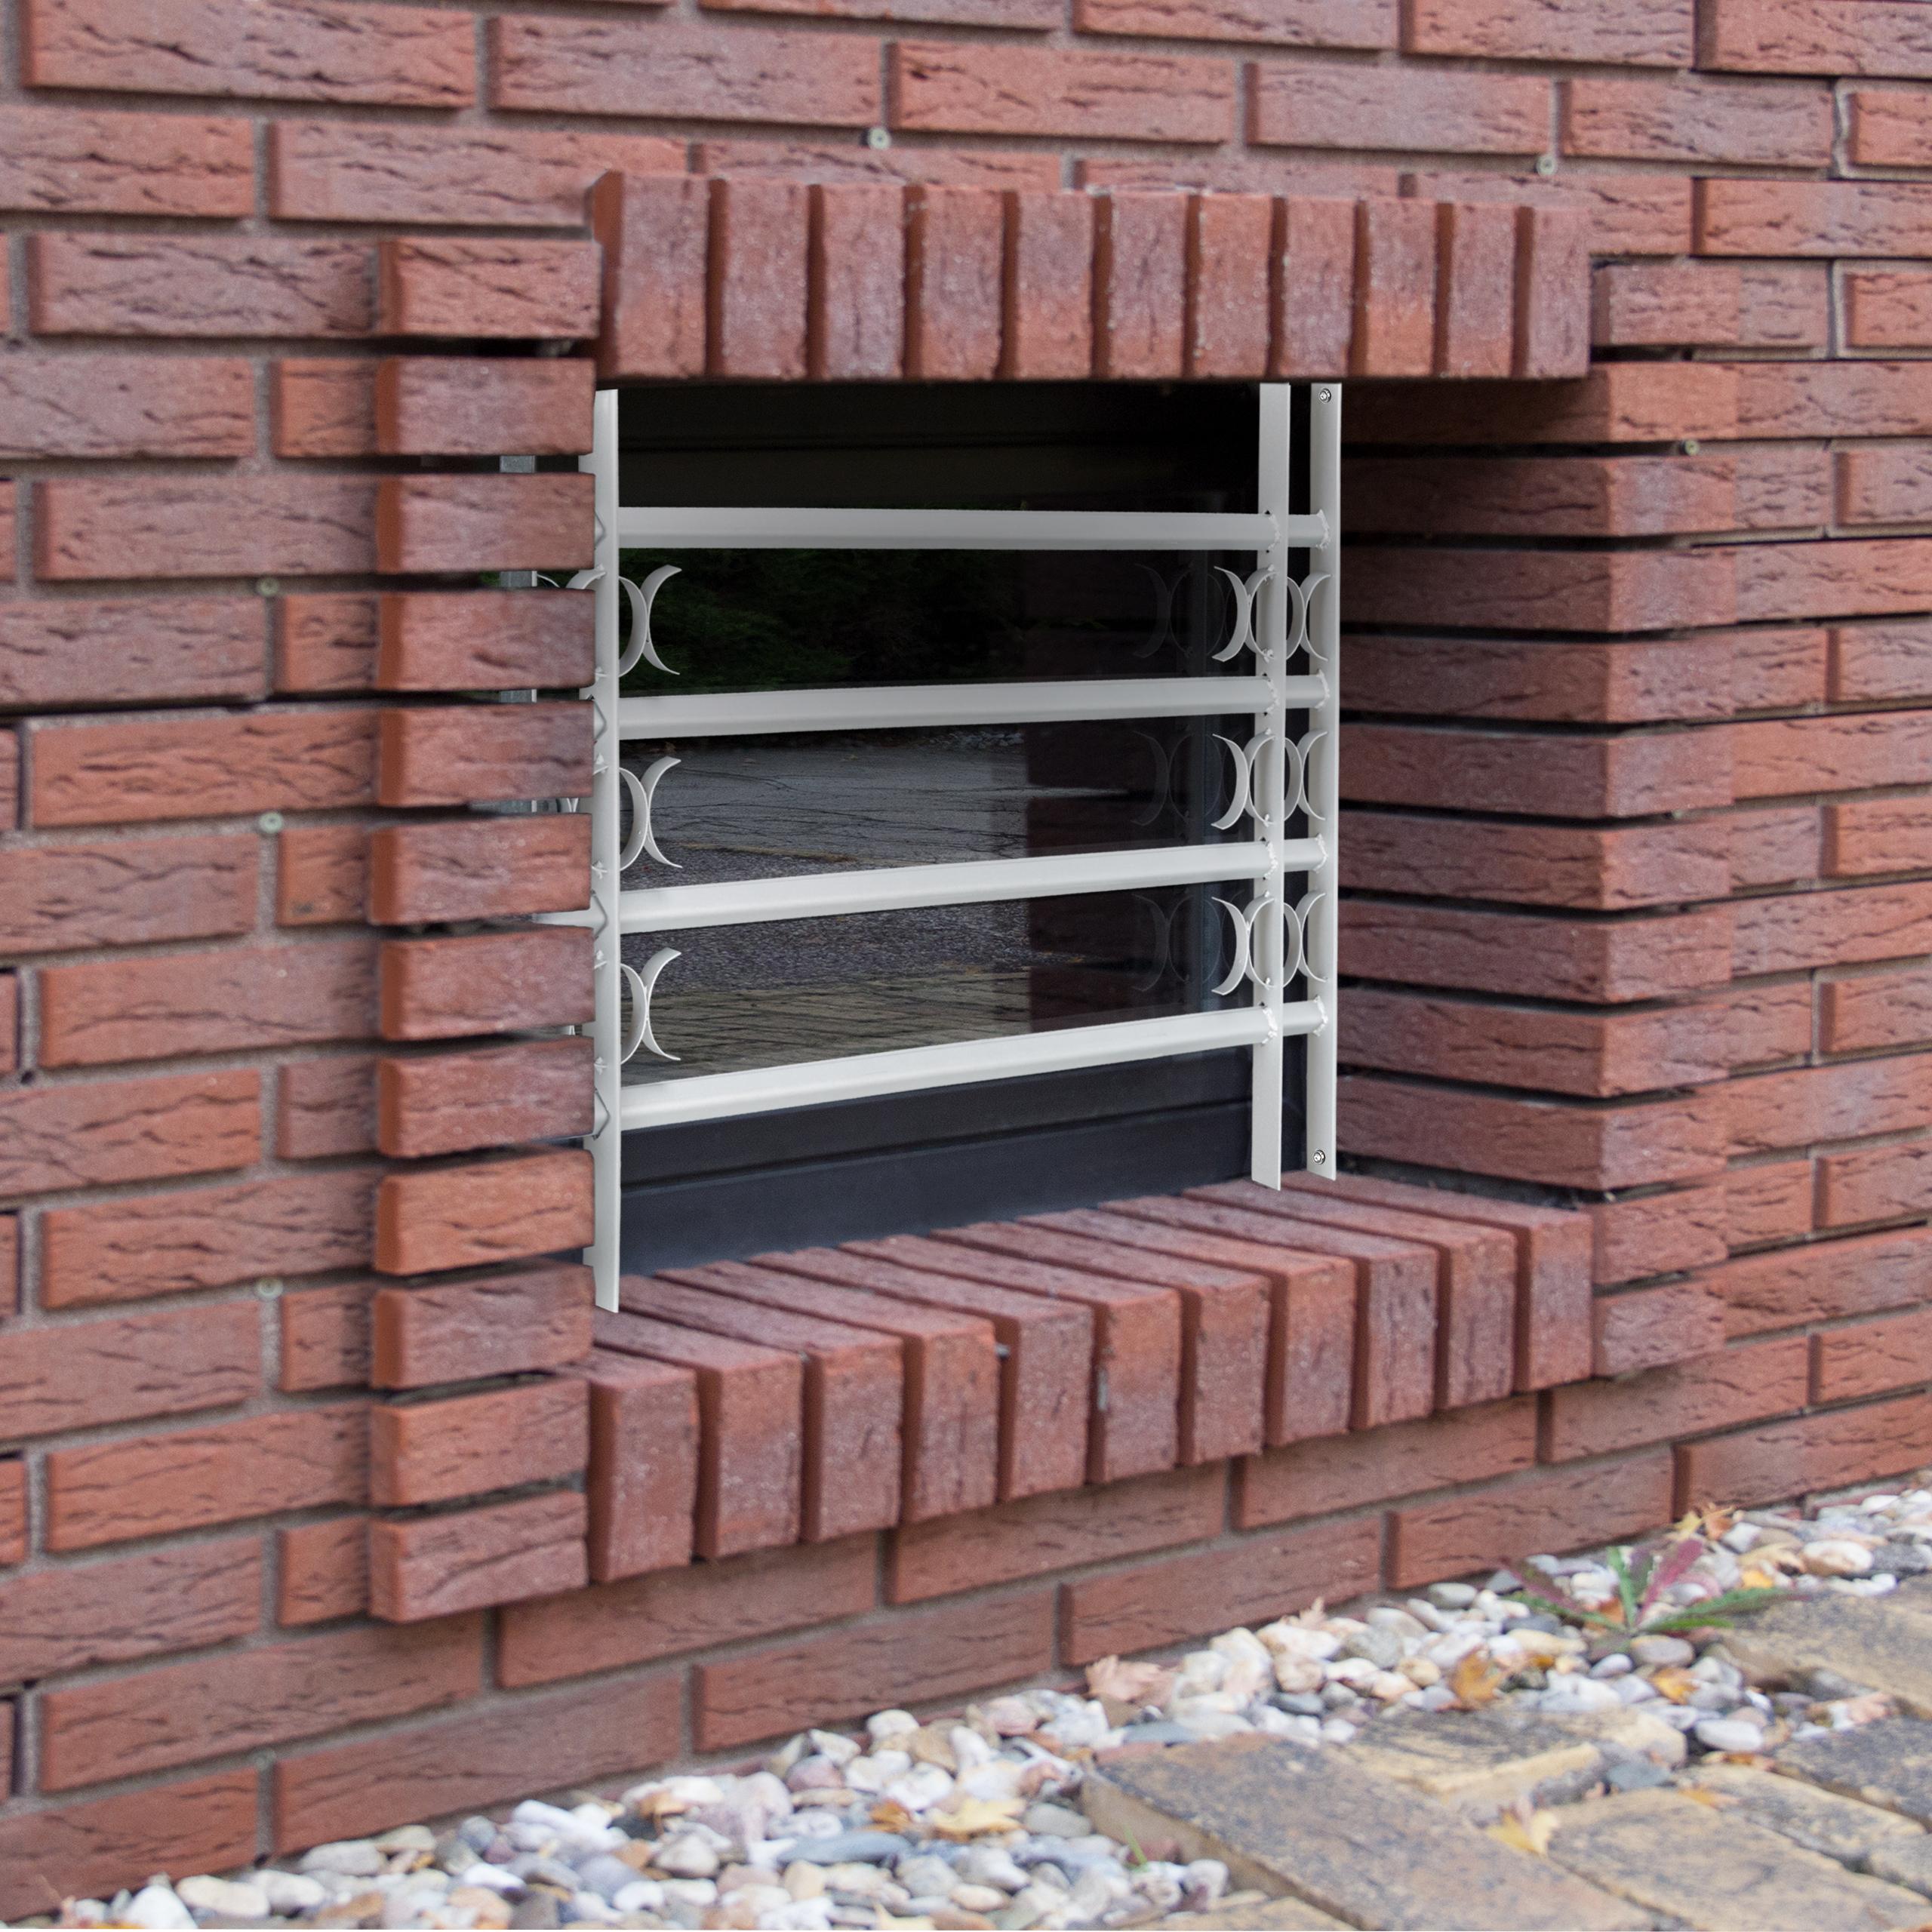 Fenstergitter Einbruchschutz ausziehbar verzinkt Sicherheitsgitter Stahlgitter